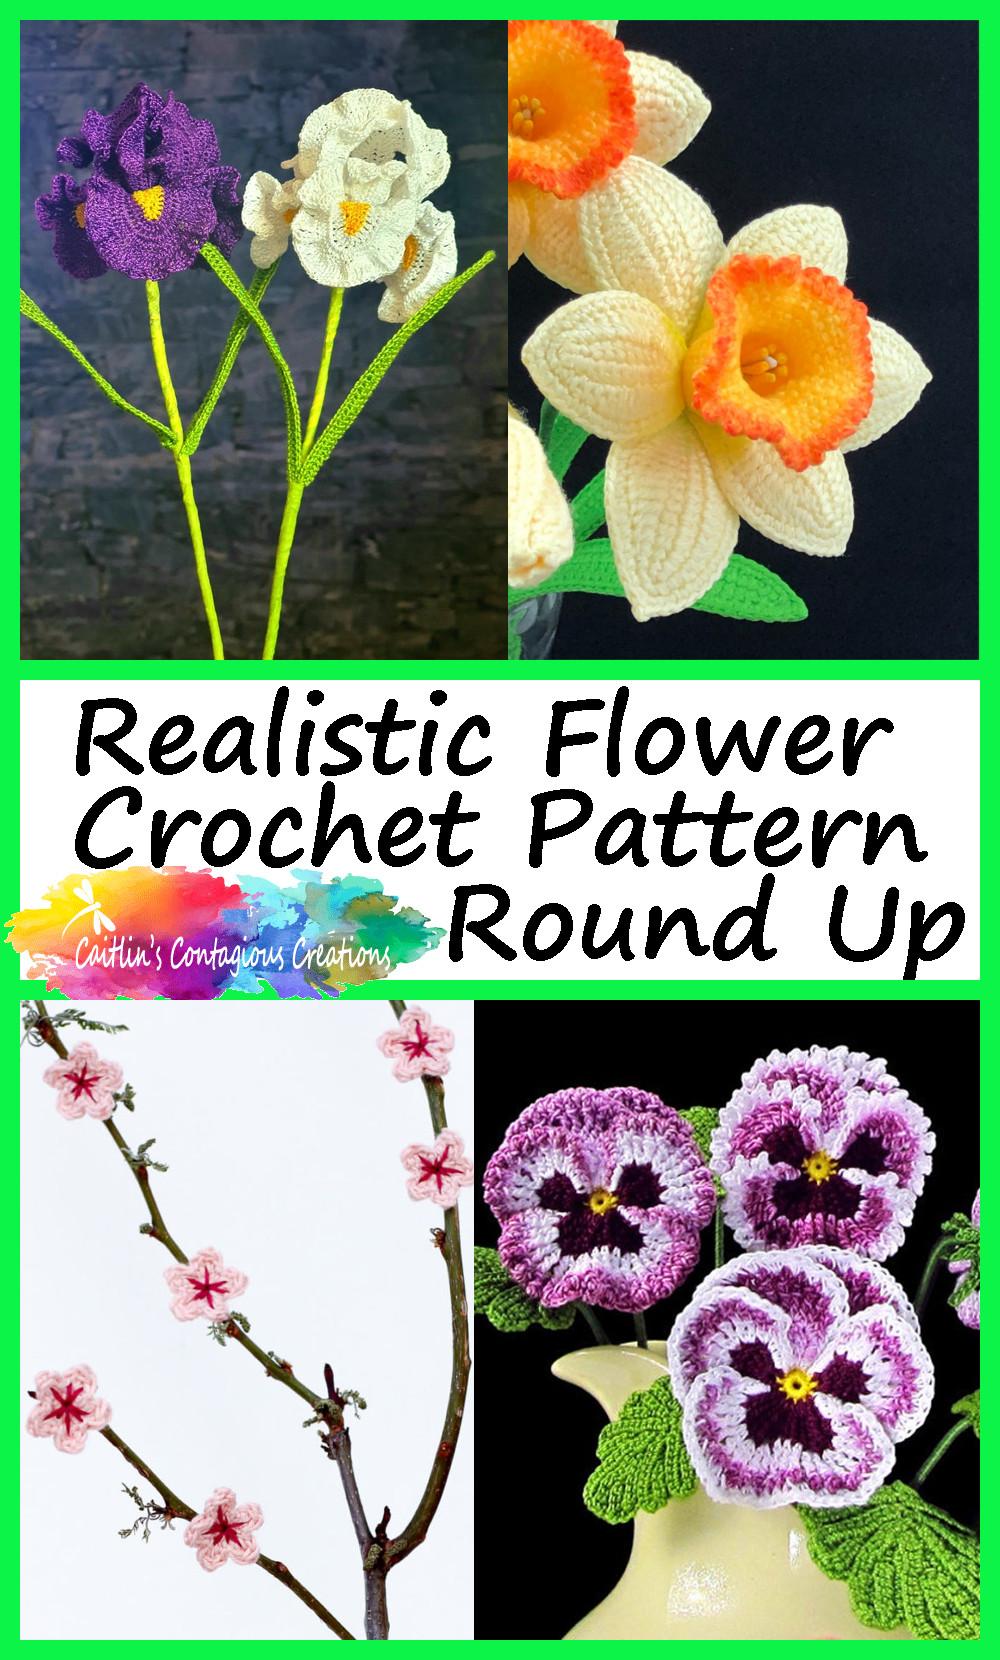 Collection de motifs au crochet de fleurs réalistes Pin Image 2 Iris jonquille fleurs de cerisier et photos de fleurs de pensée